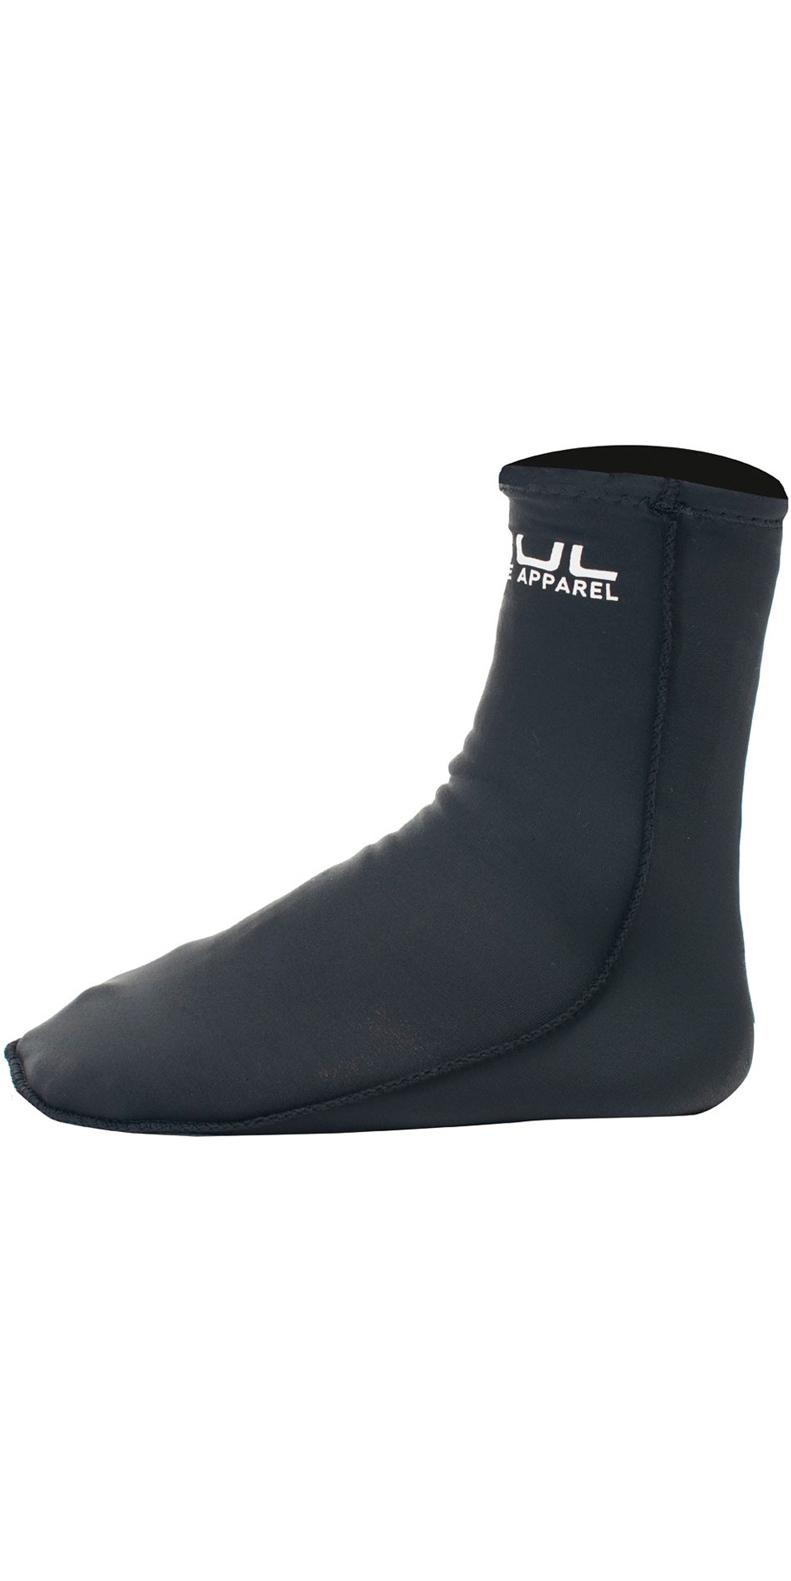 2020 Gul Junior Stretch Drysuit Socks AC0064